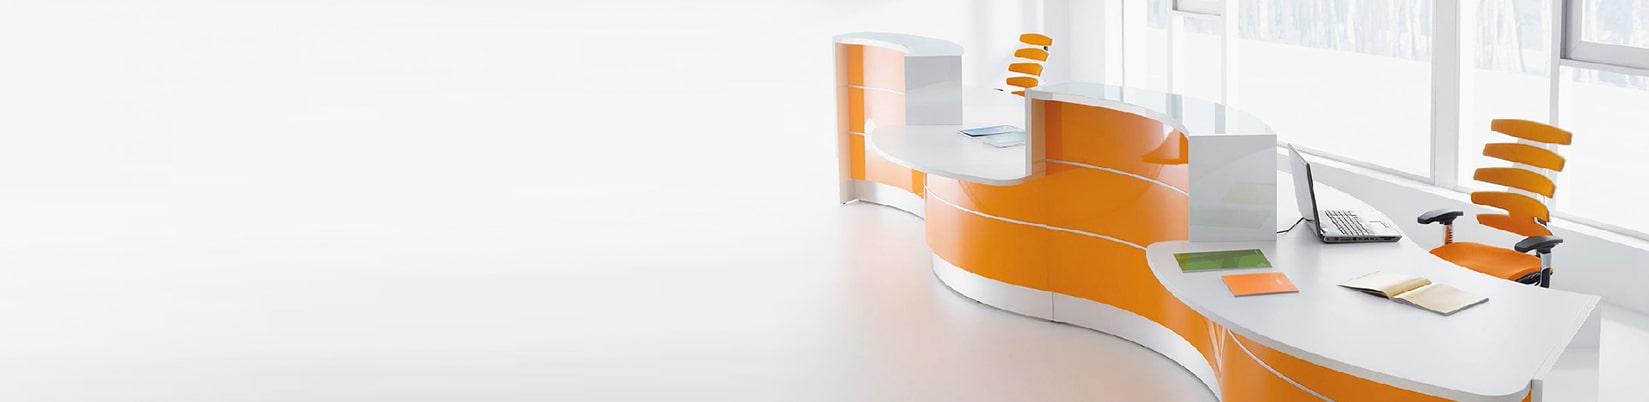 Neveu Bureau Concept- Les solutions d'amènagement